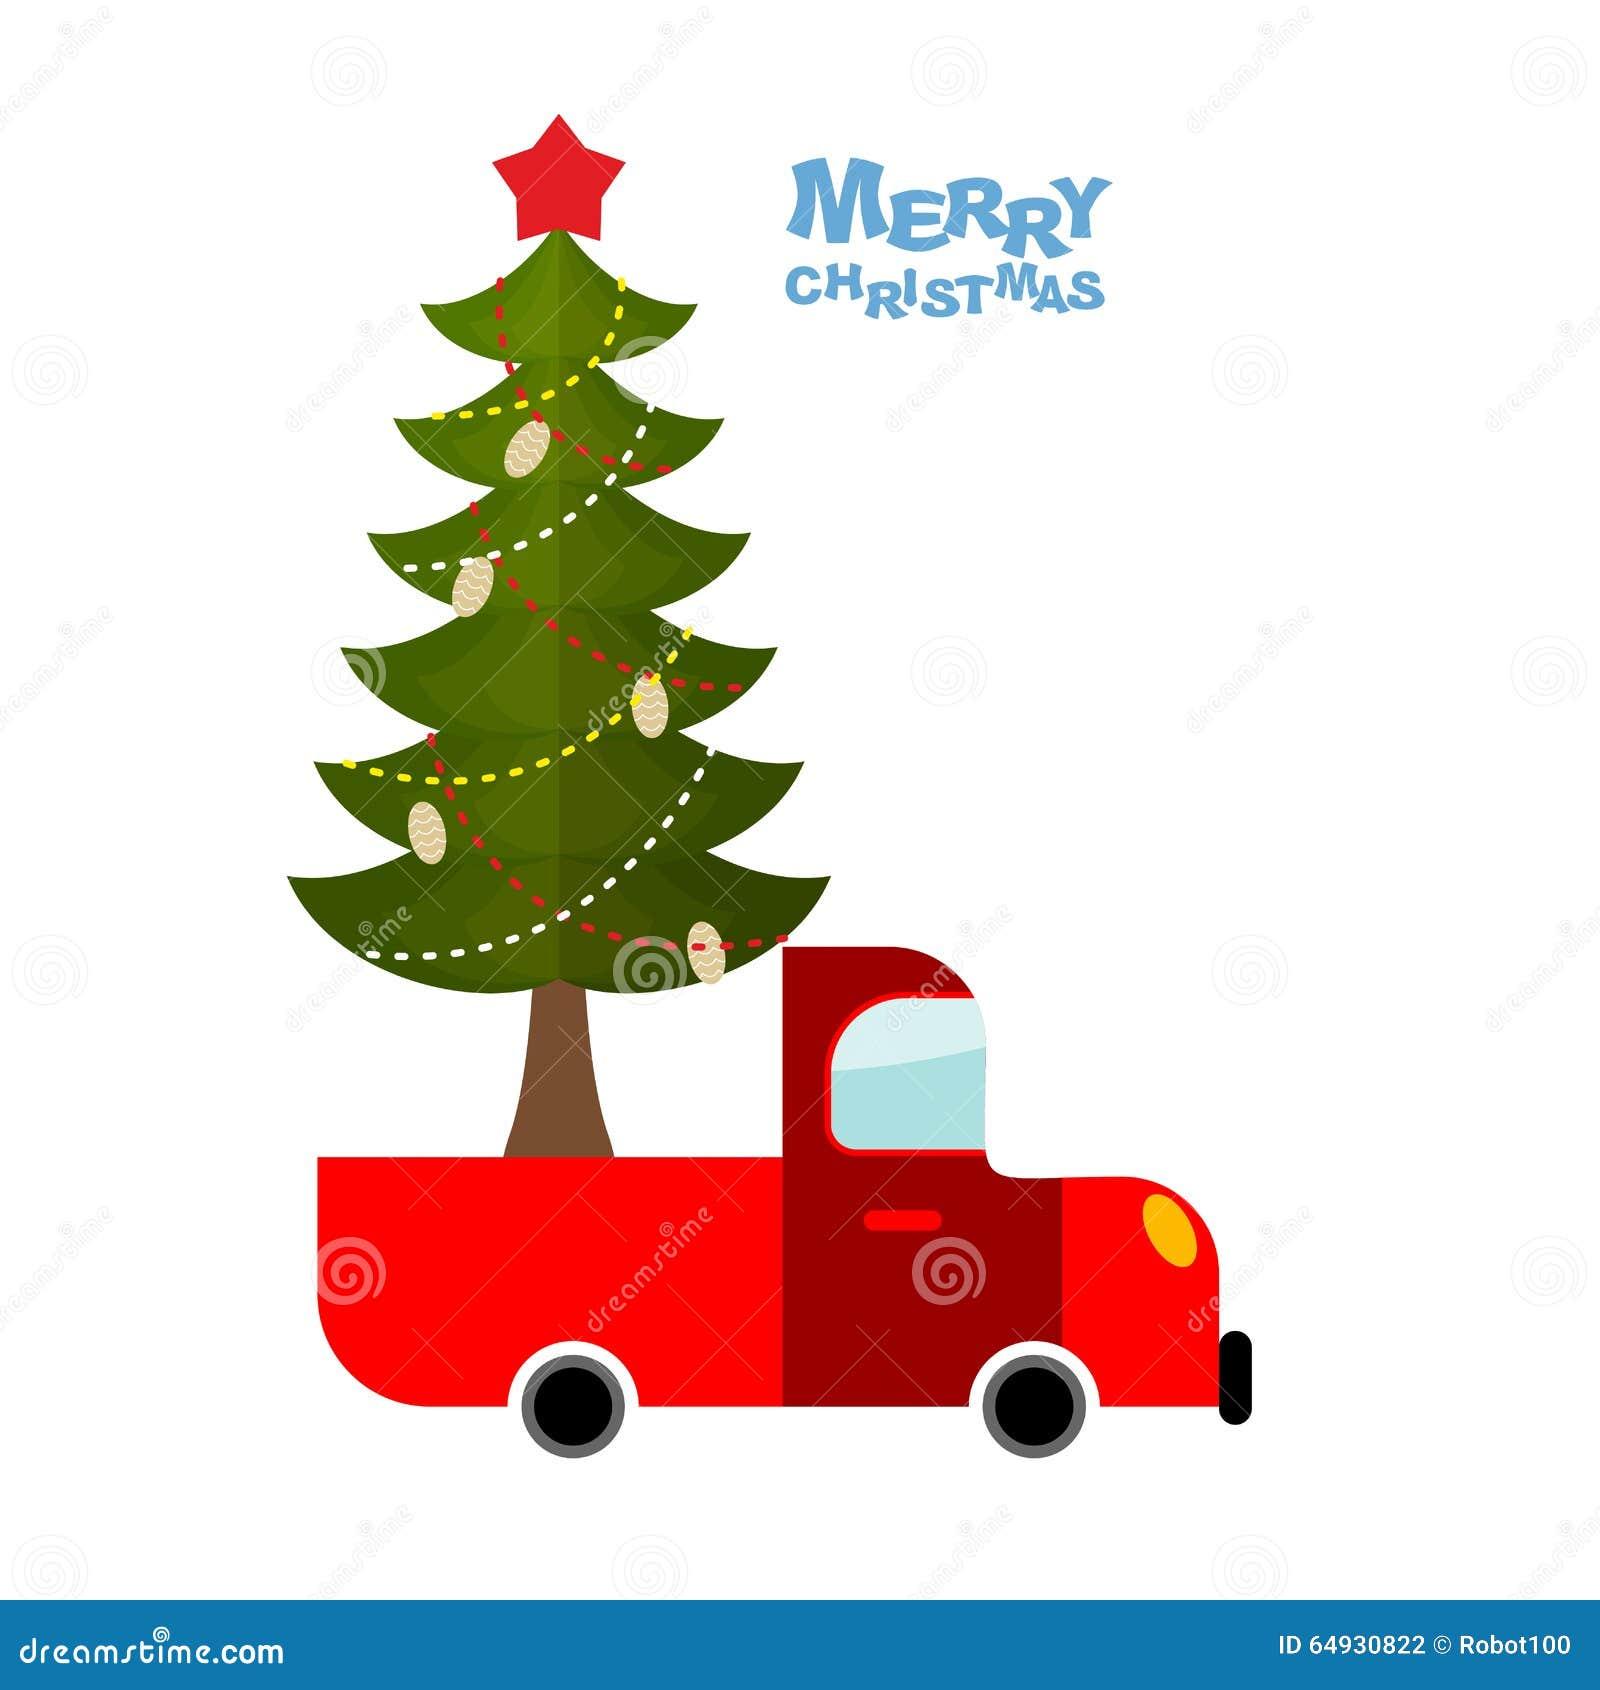 Auto Weihnachtsbaum.Weihnachtsbaum Im Auto Lkw Transportiert Verzierten Weihnachtsbaum